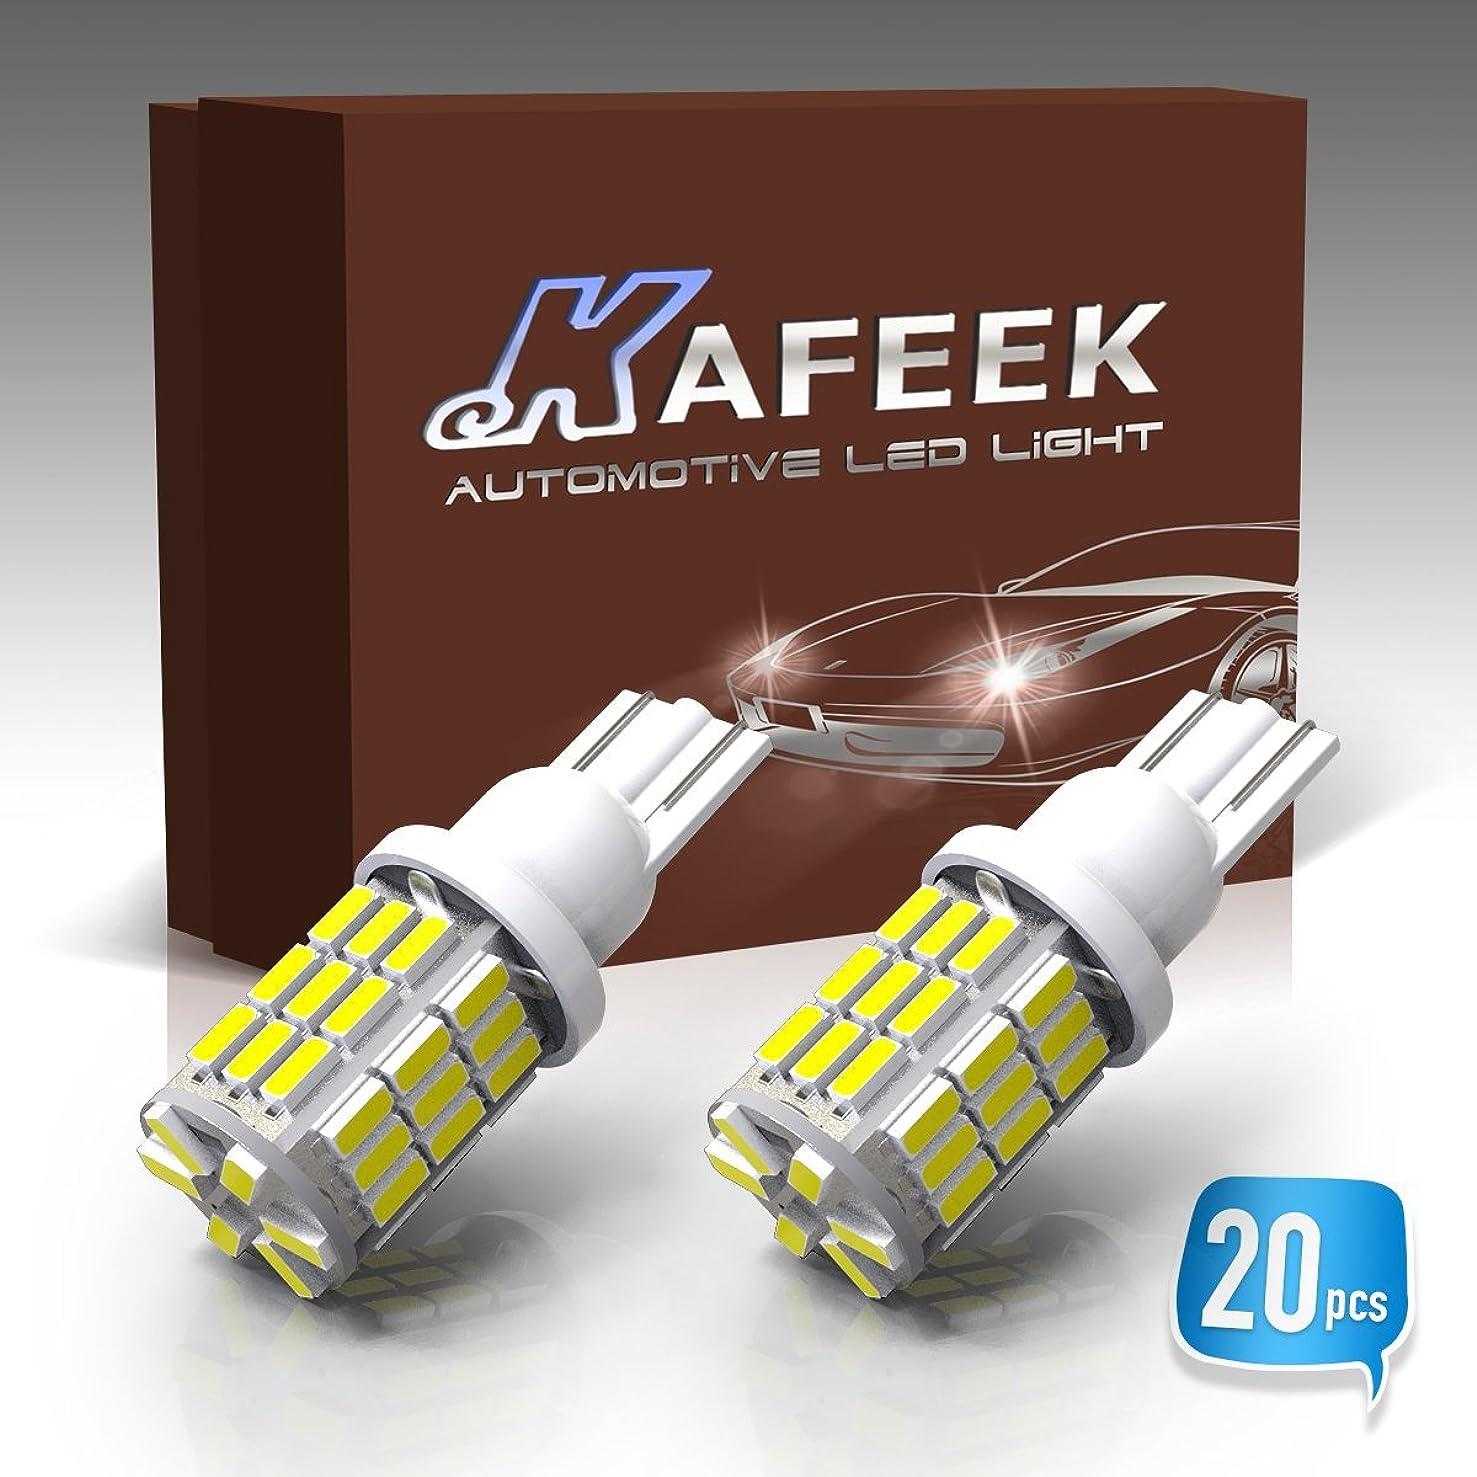 KAFEEK 20x RV Trailer T10 901 194 168 2825 912 LED Bulbs 12V Interior Light Backup Reverse Light 42-3014 Chipset,White